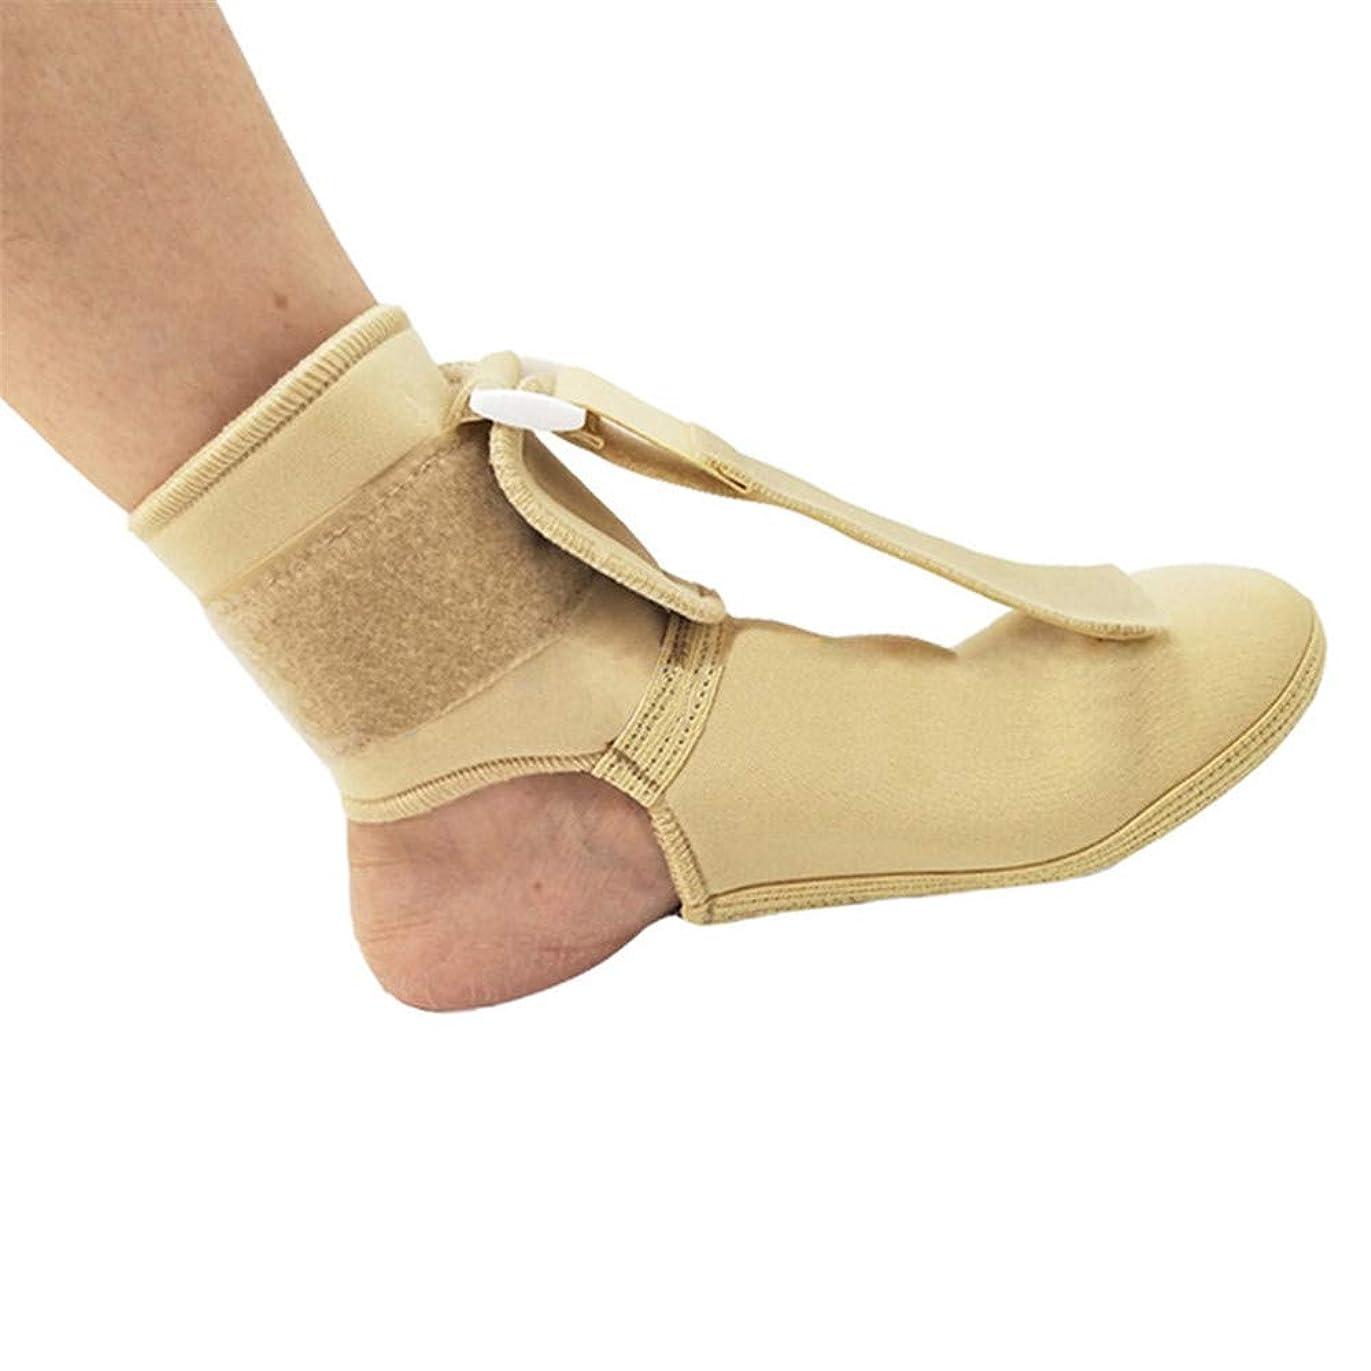 シャンパンエンドウ挑む足首保護、関節サポート、調節可能なフットドロップ矯正装具足の痛みの軽減スプリント足首スプリントサポートナイトスプリント,L